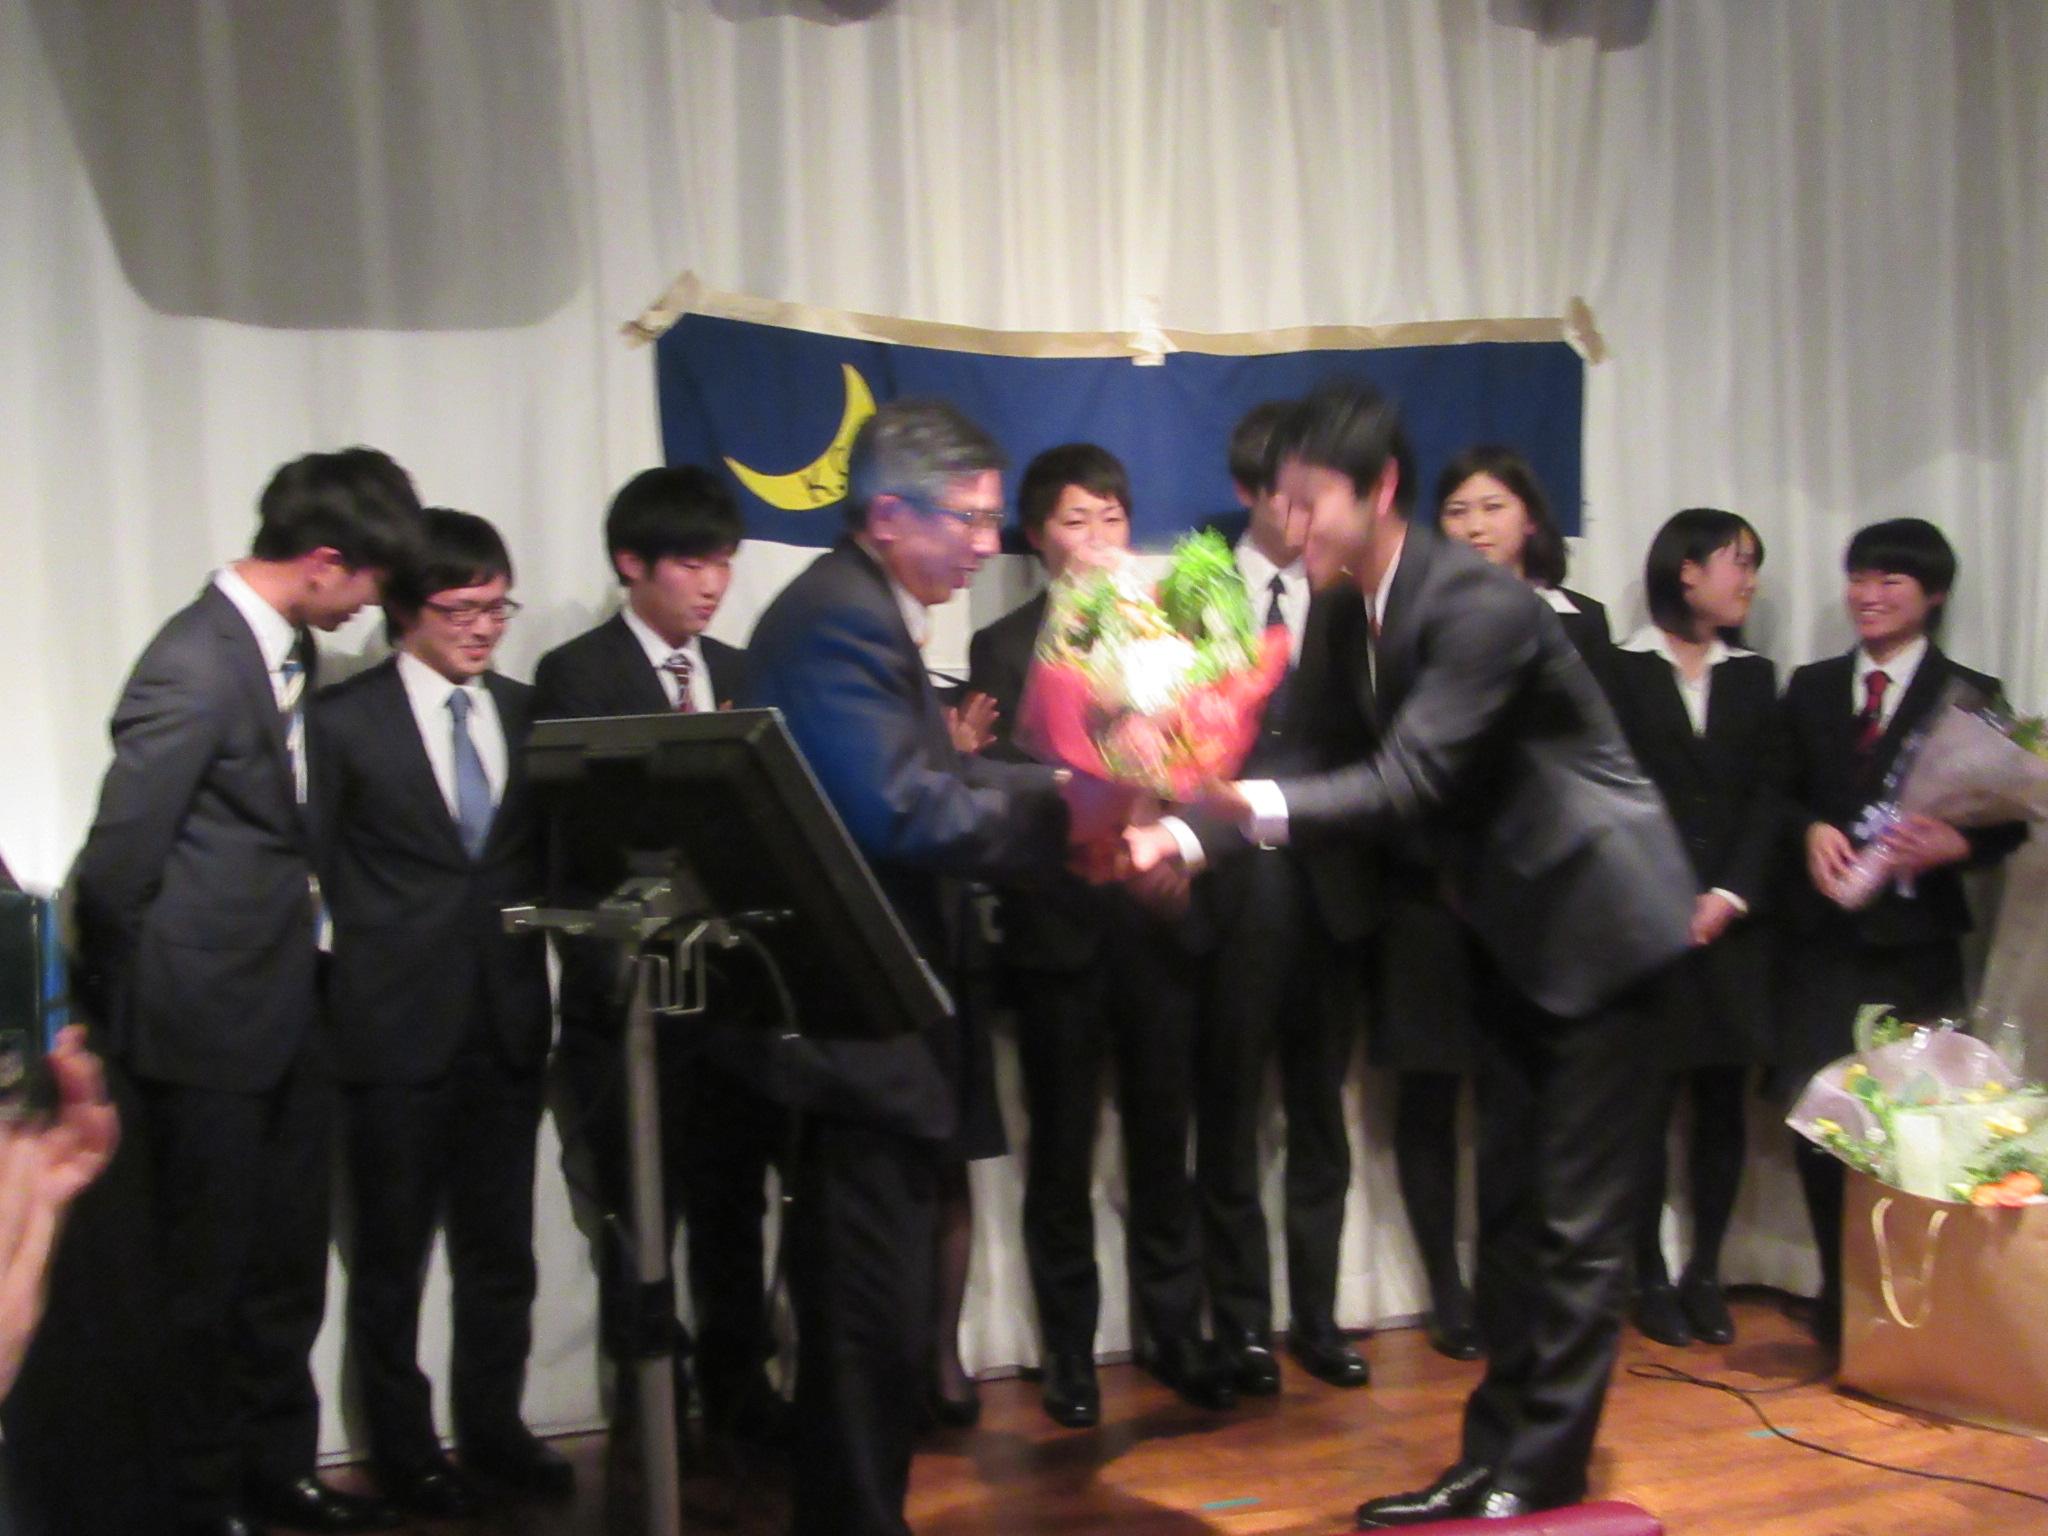 芝田先生はご定年で学院をご退任されます 大変お世話になりました